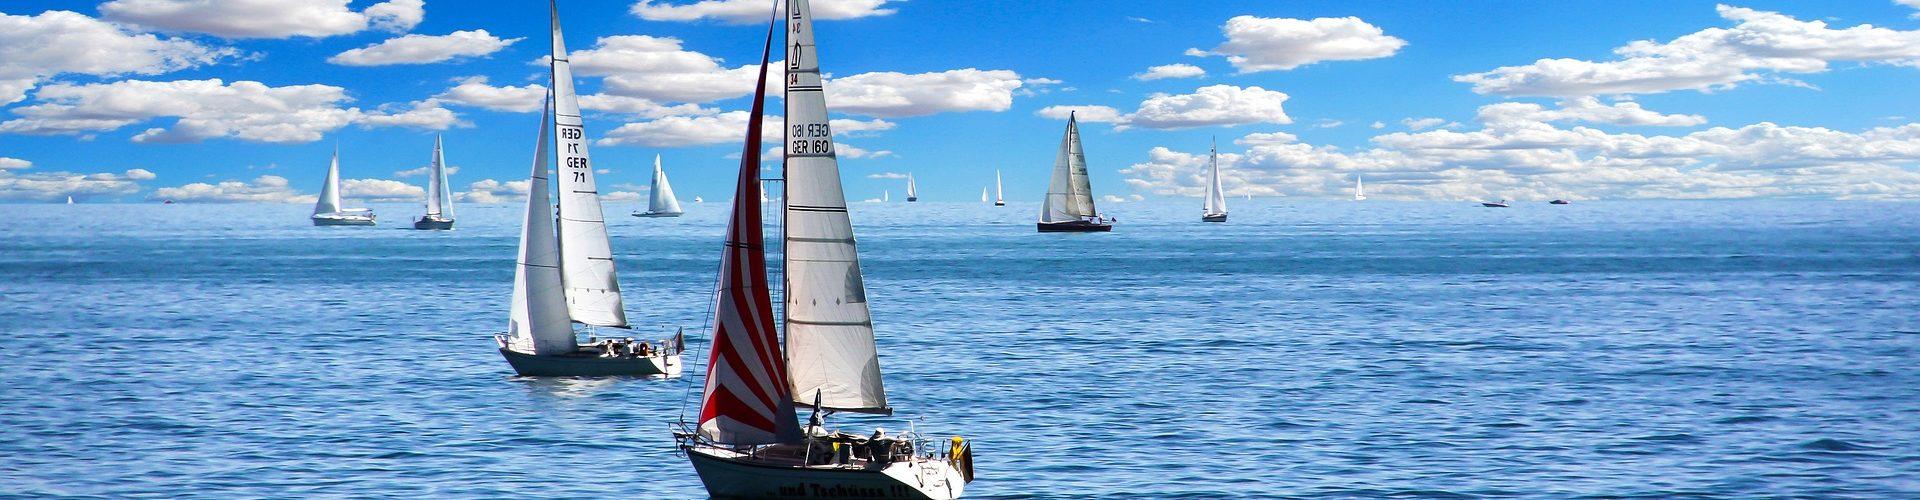 segeln lernen in Singen segelschein machen in Singen 1920x500 - Segeln lernen in Singen